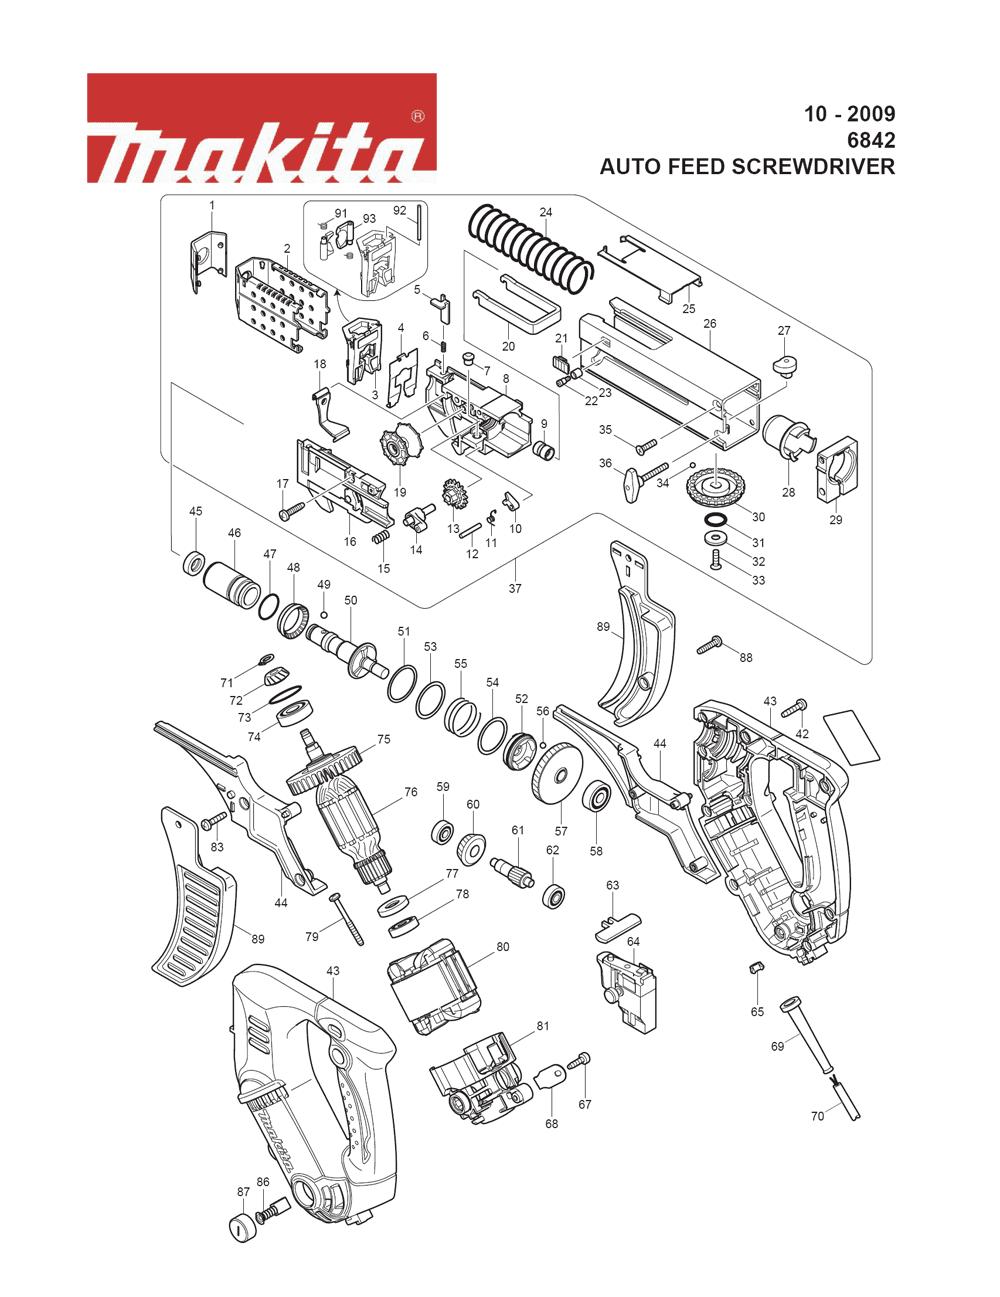 medium resolution of belt sander switch wiring diagram 33 wiring diagram images wiring diagrams gsmx co 460 3 phase